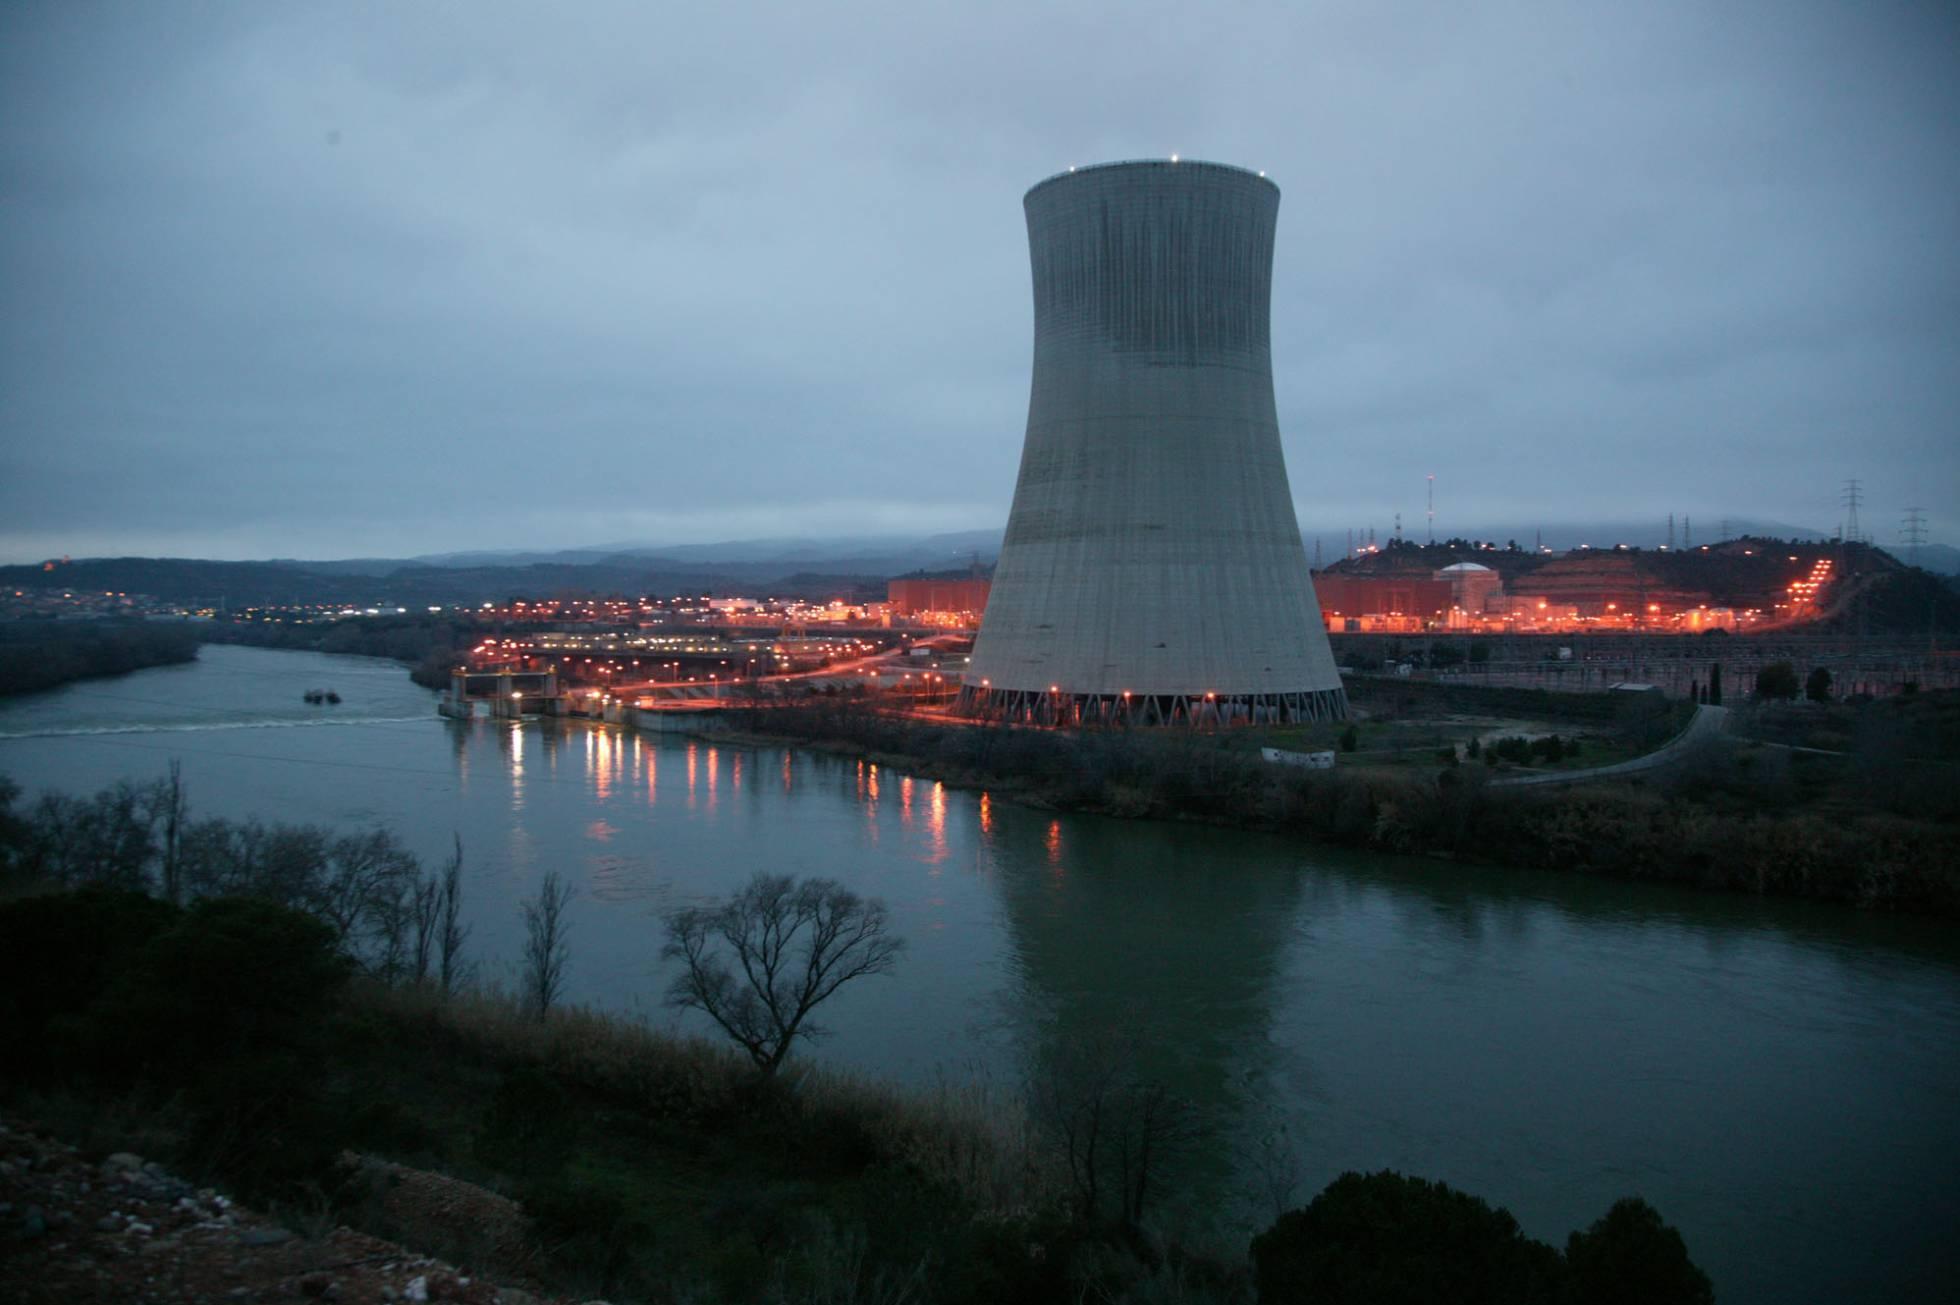 Nuclear, tarifar, contaminar... - Página 4 1509723721_533265_1509726759_noticia_normal_recorte1